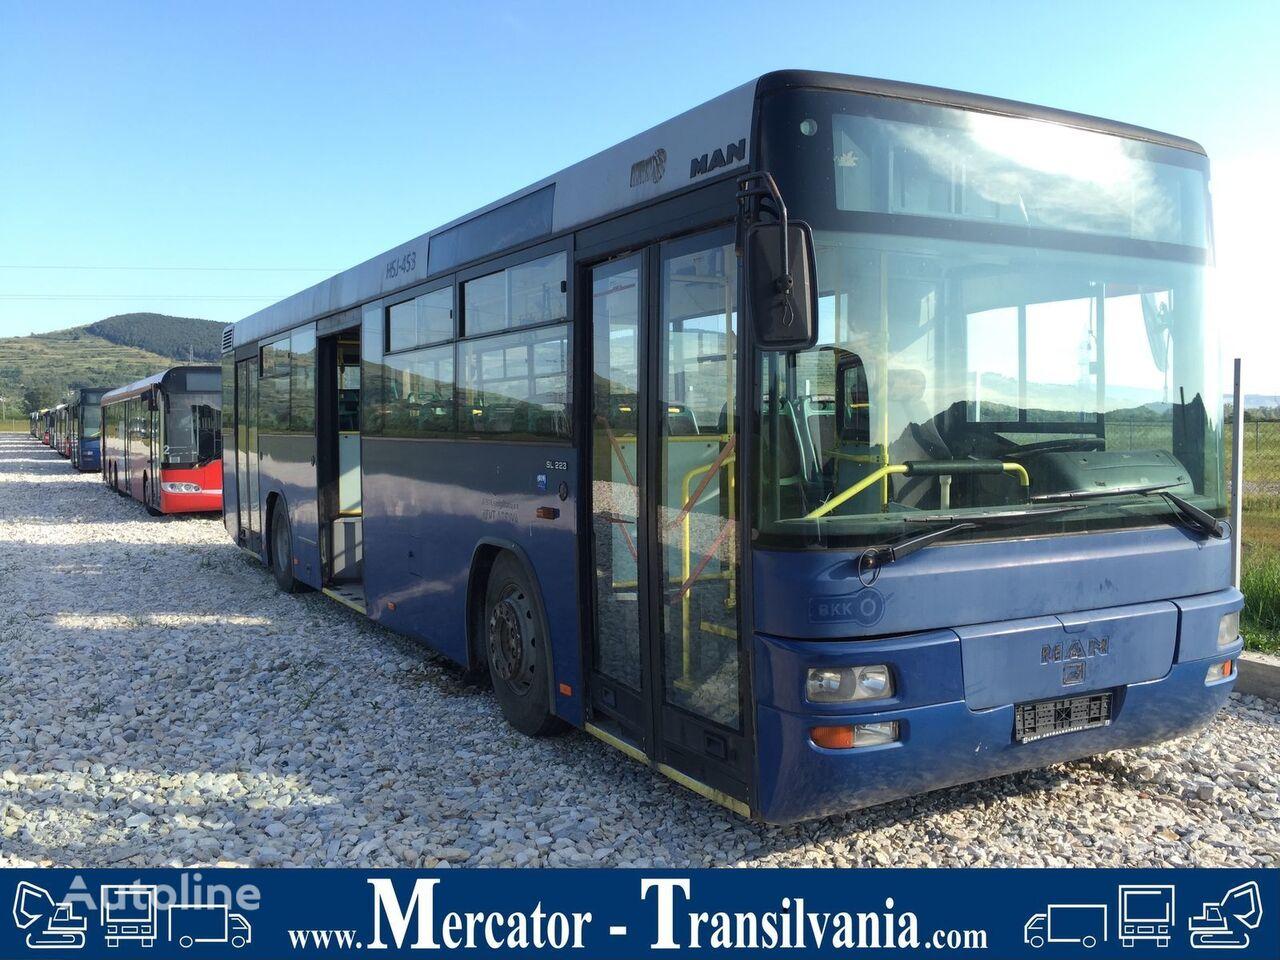 motor MAN D0826 LOH 15 pentru autobuz MAN A 74 / SL 223